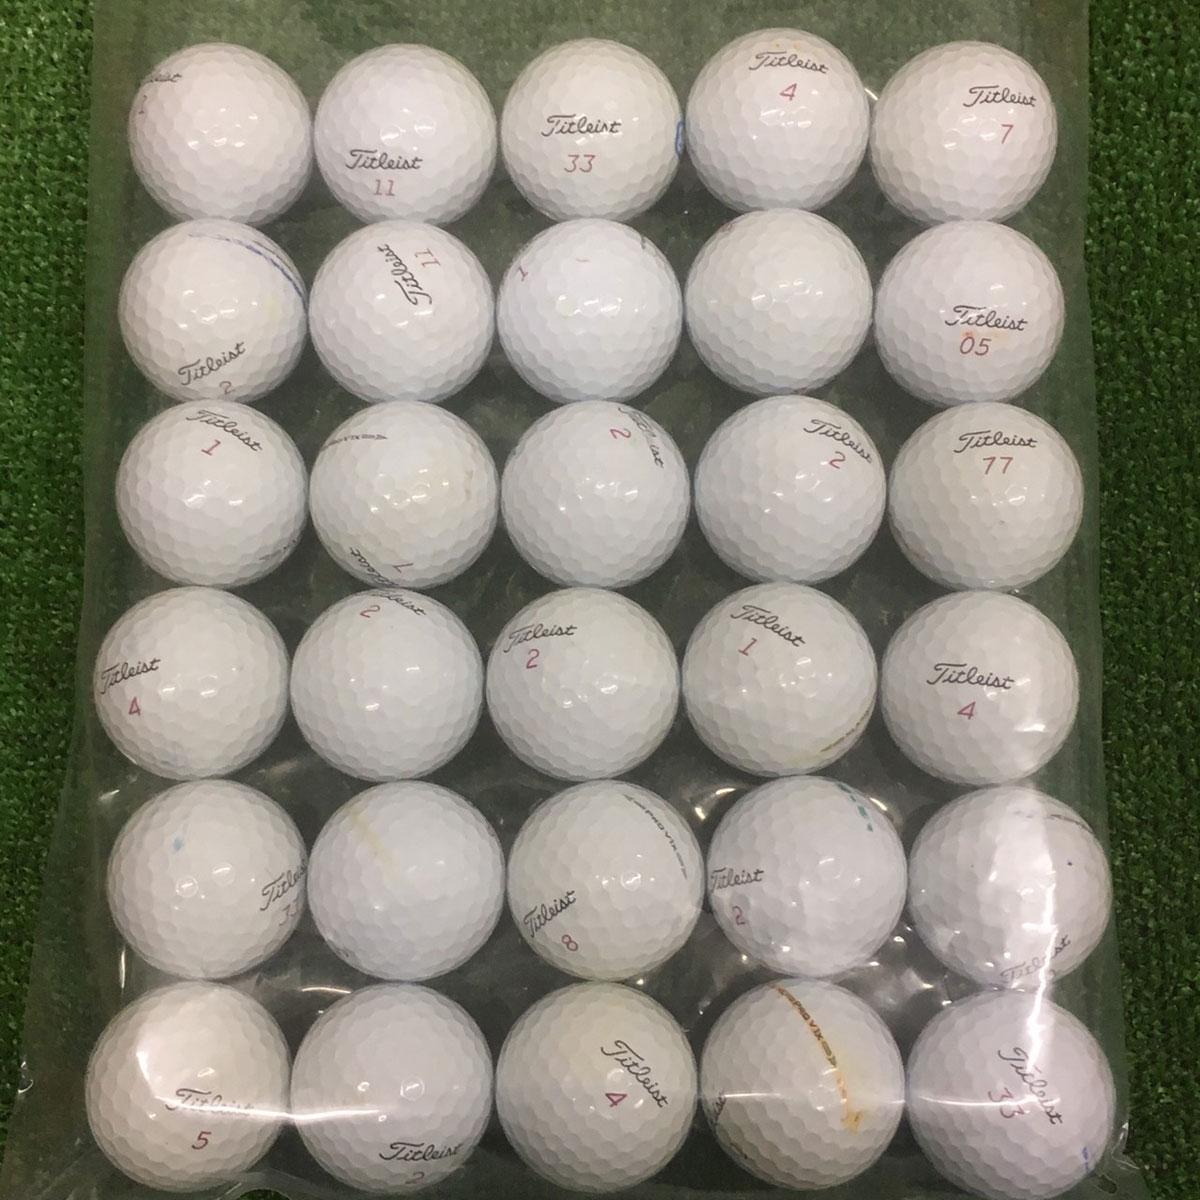 Pro V1x混合 ロストボール 30個セット